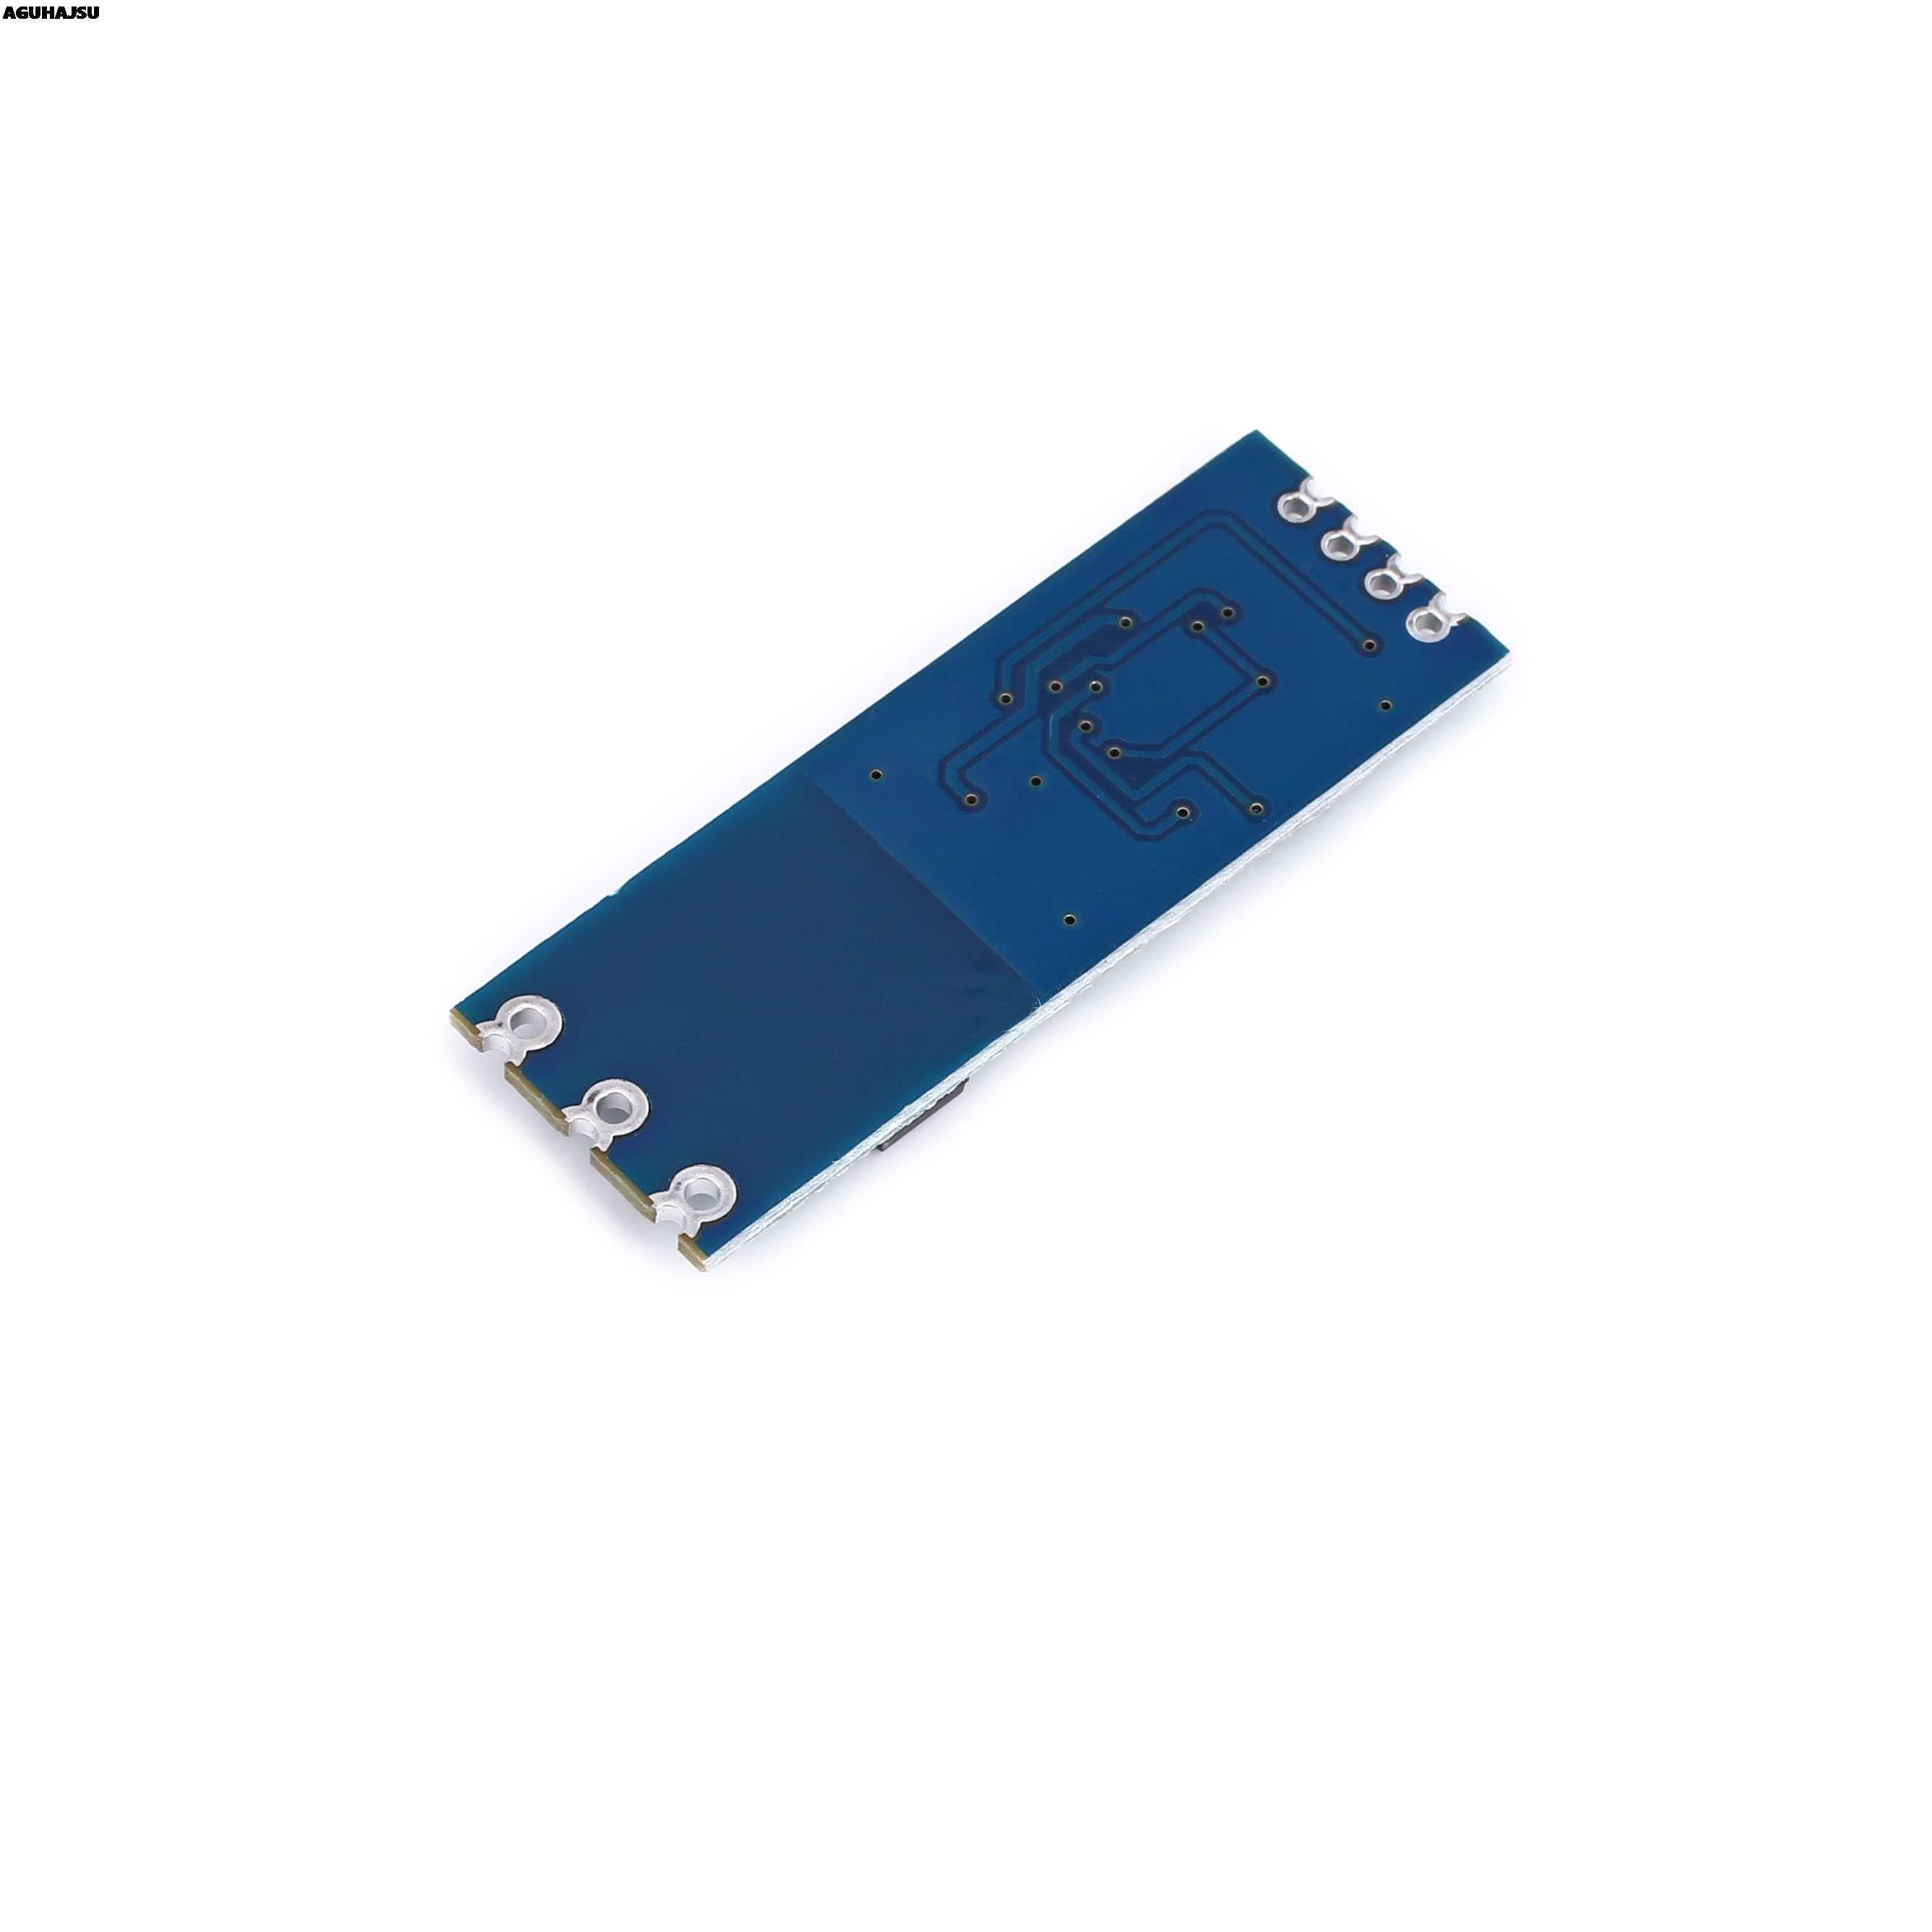 I11 TTL biến RS485 Mô đun 485 để nối tiếp UART nước lẫn nhau chuyển đổi phần cứng tự động điều khiển lưu lượng